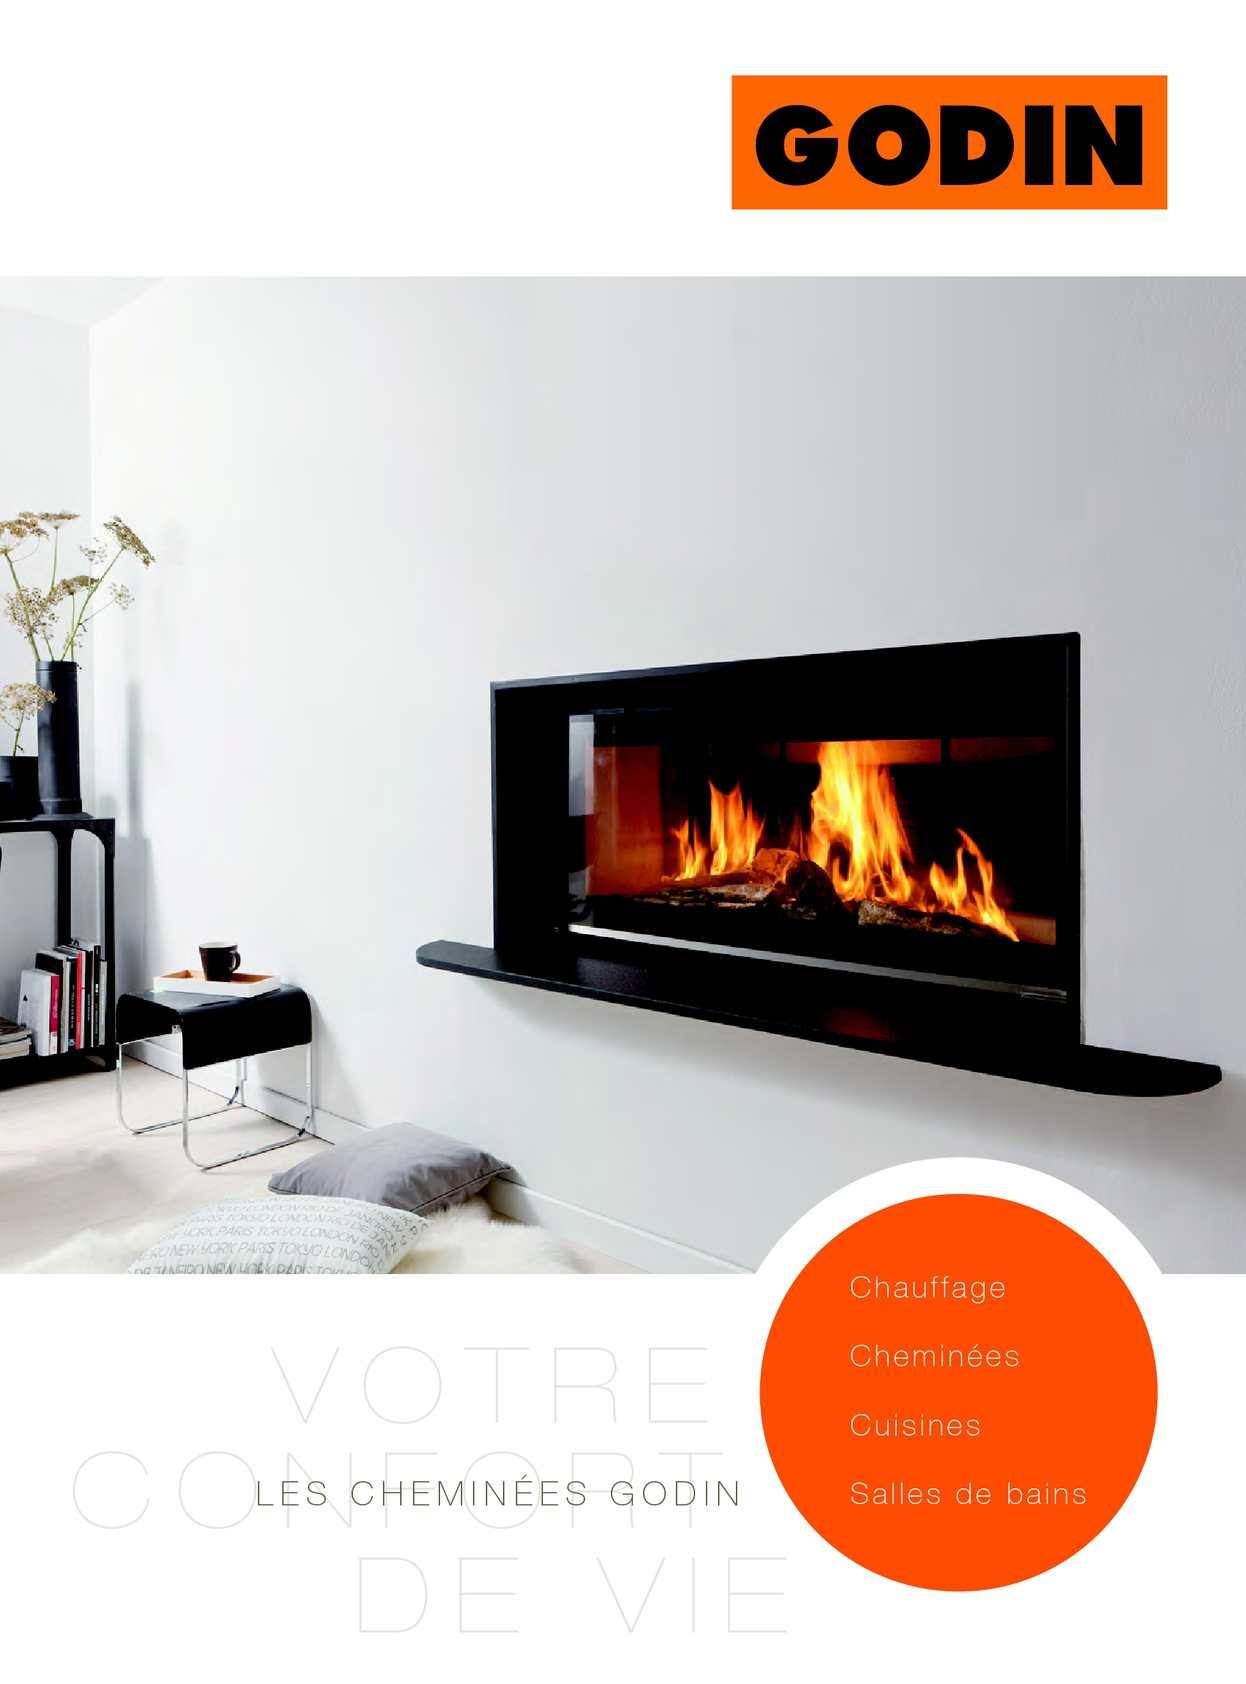 Calameo Catalogue Cheminees Godin 2012